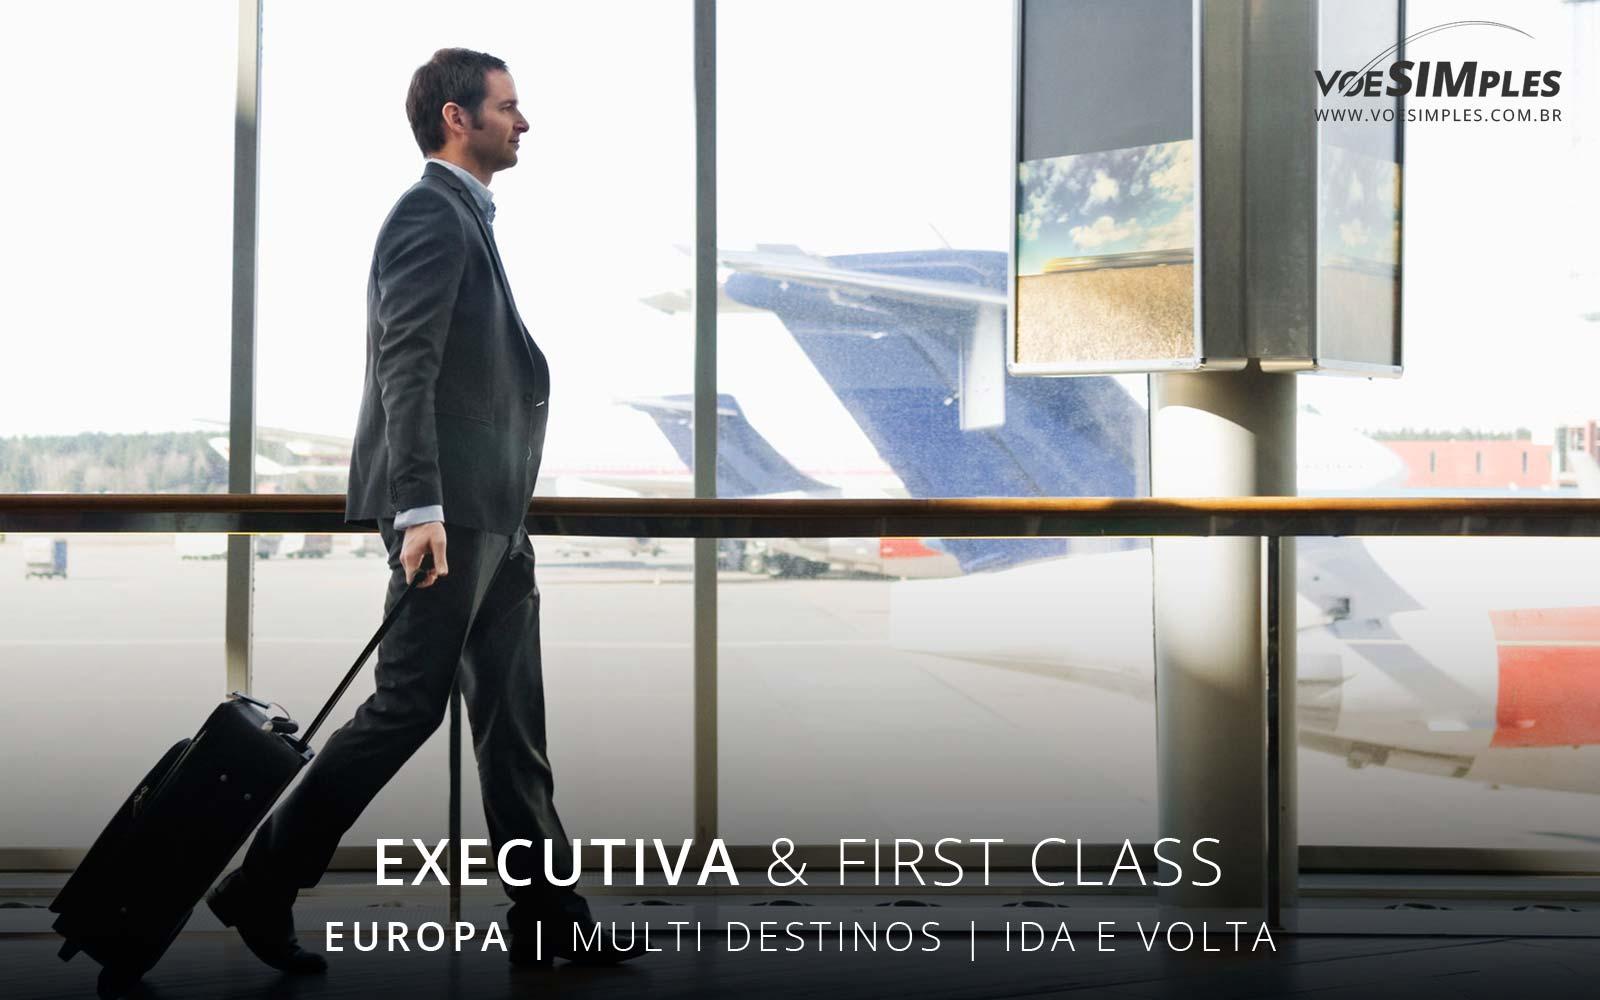 Passagem aérea Executiva TAP para Europa